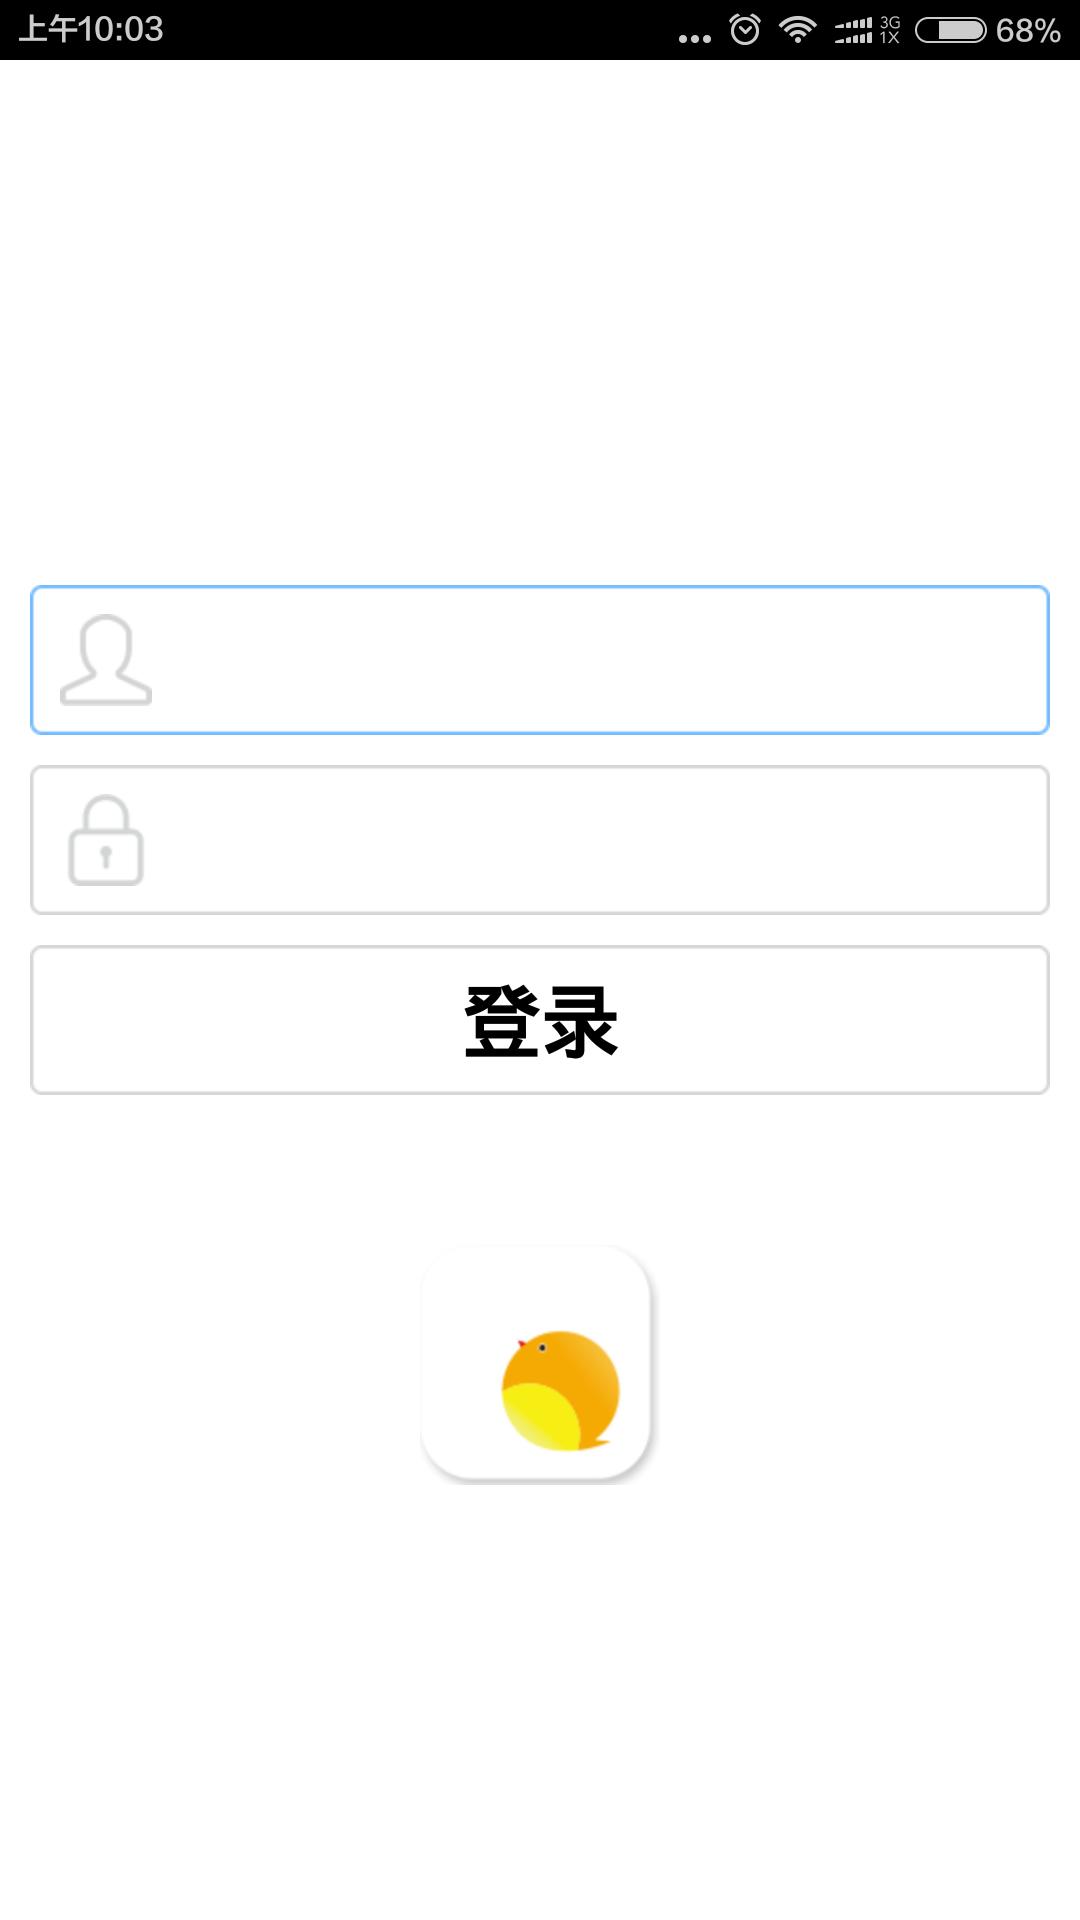 茄子生活(商户)